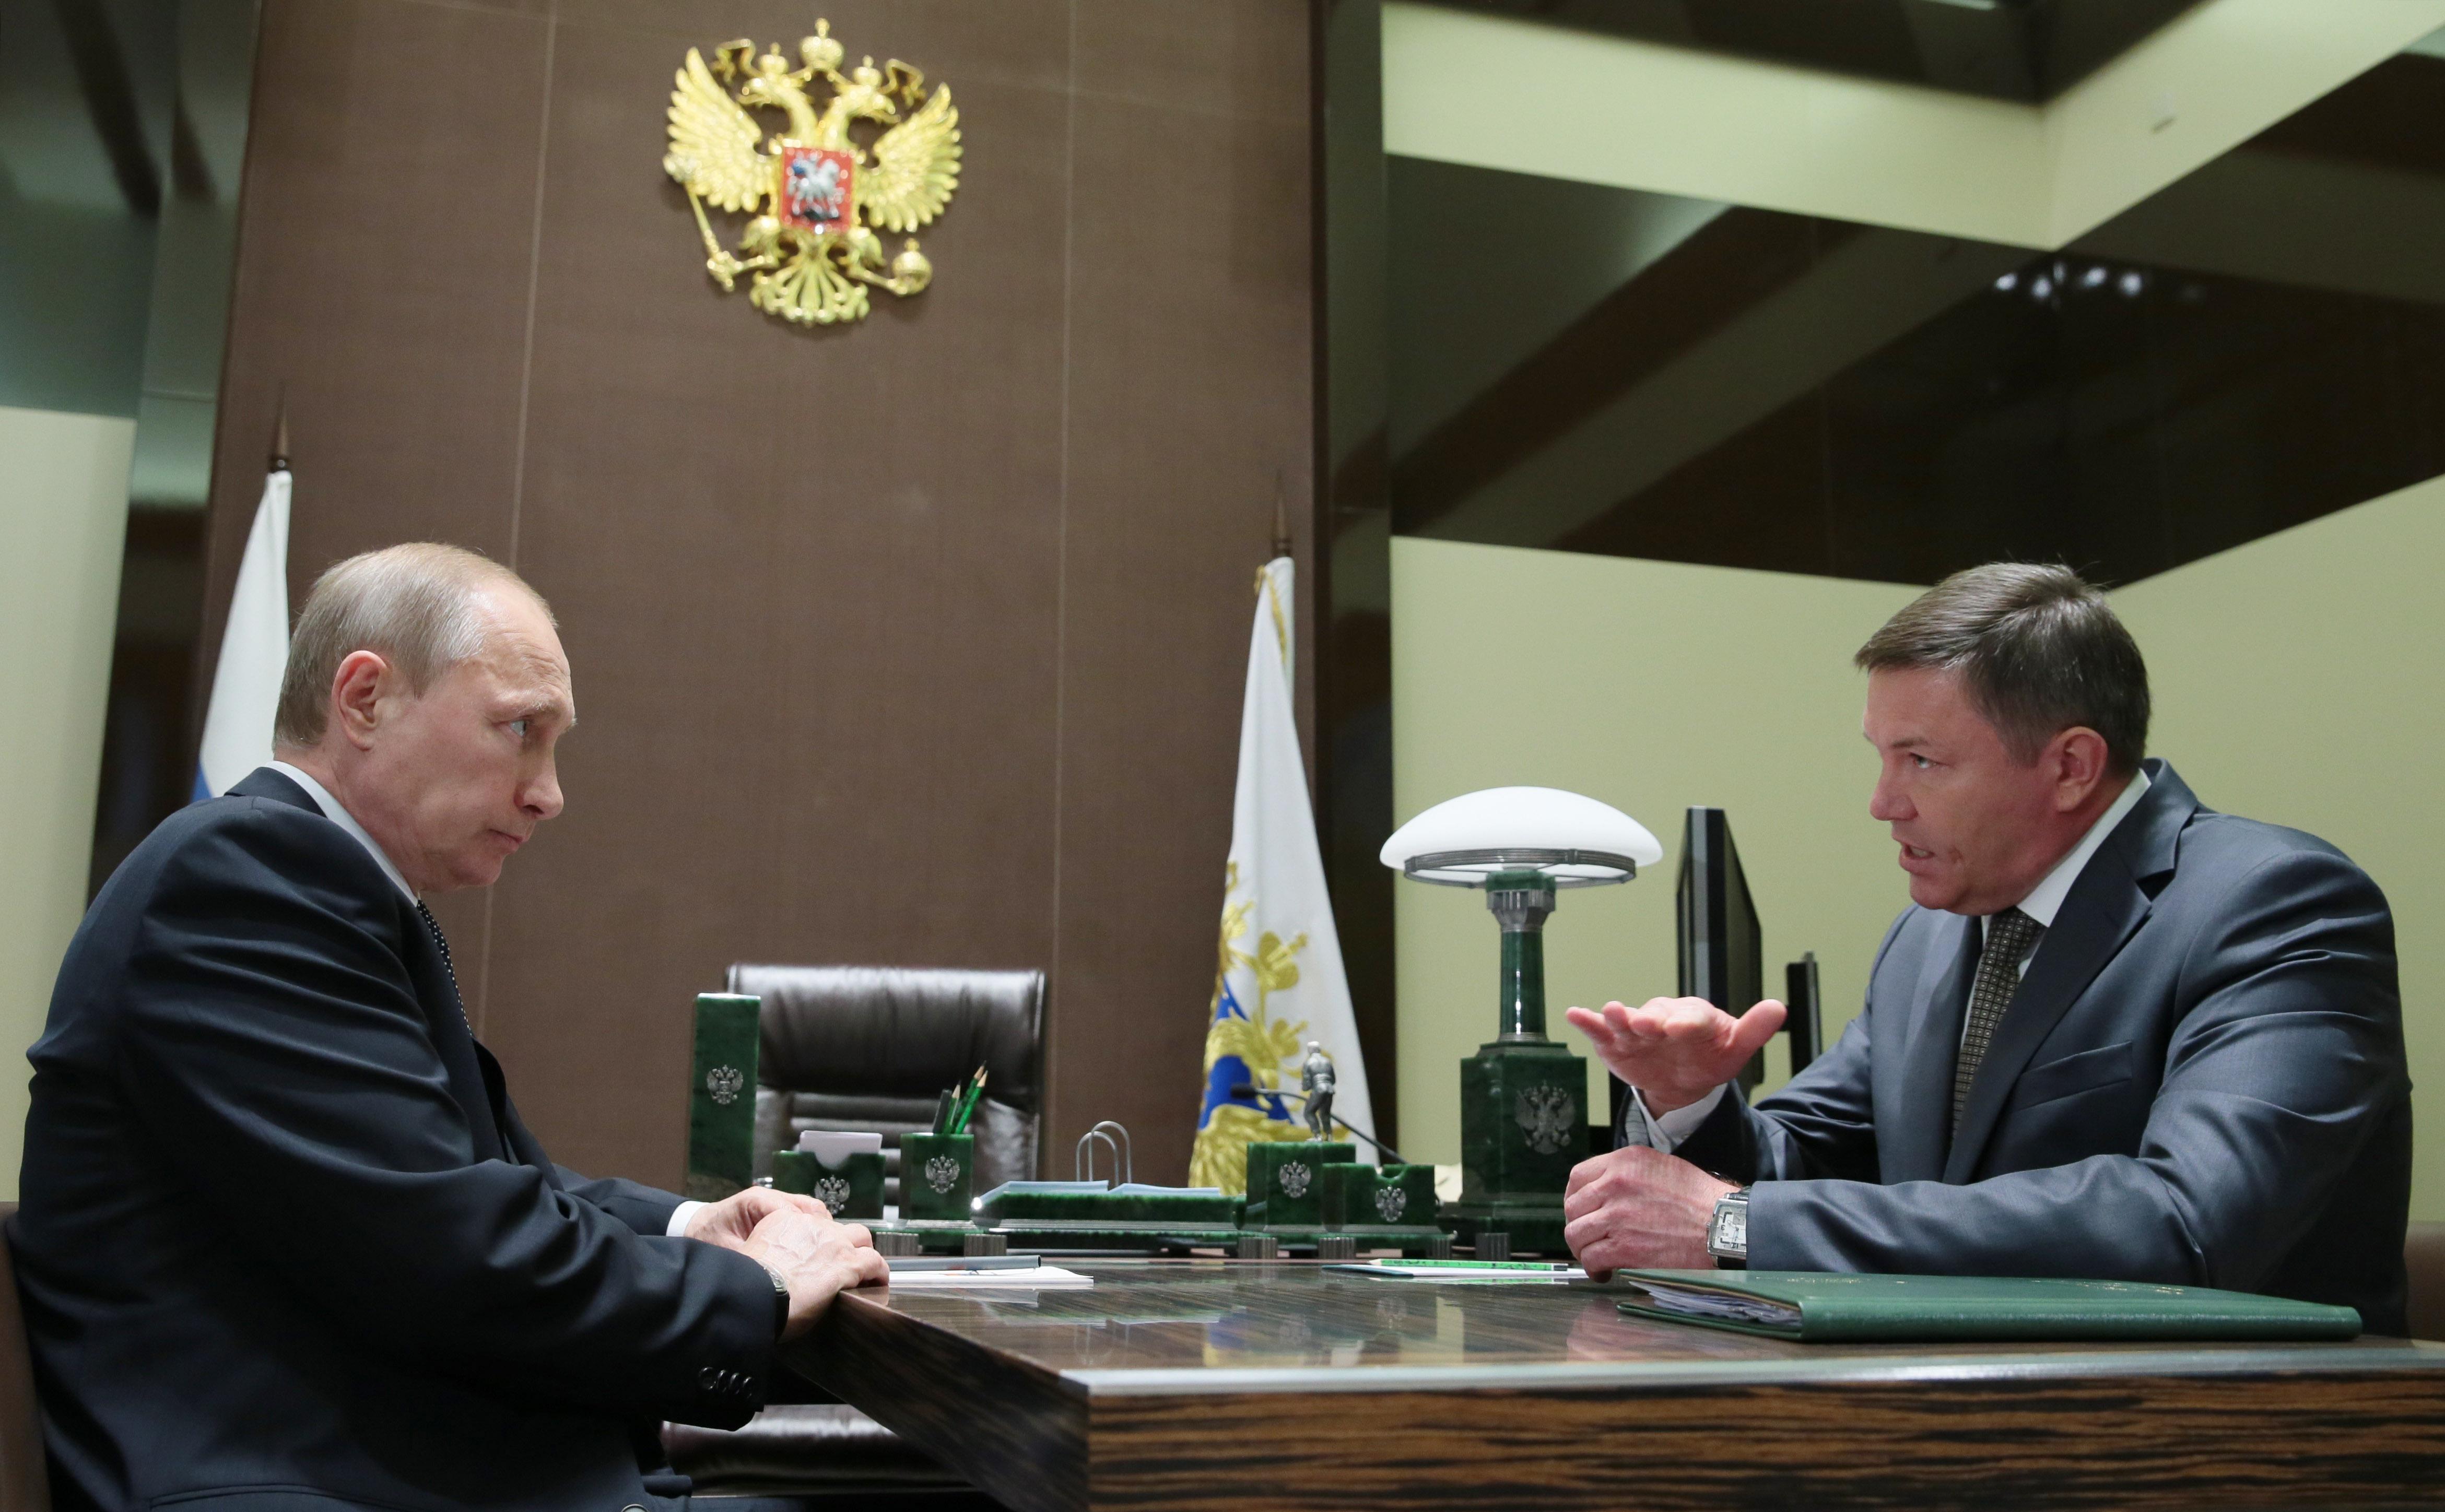 Владимир Путин и губернатор Вологодской области Олег Кувшинников во время встречи